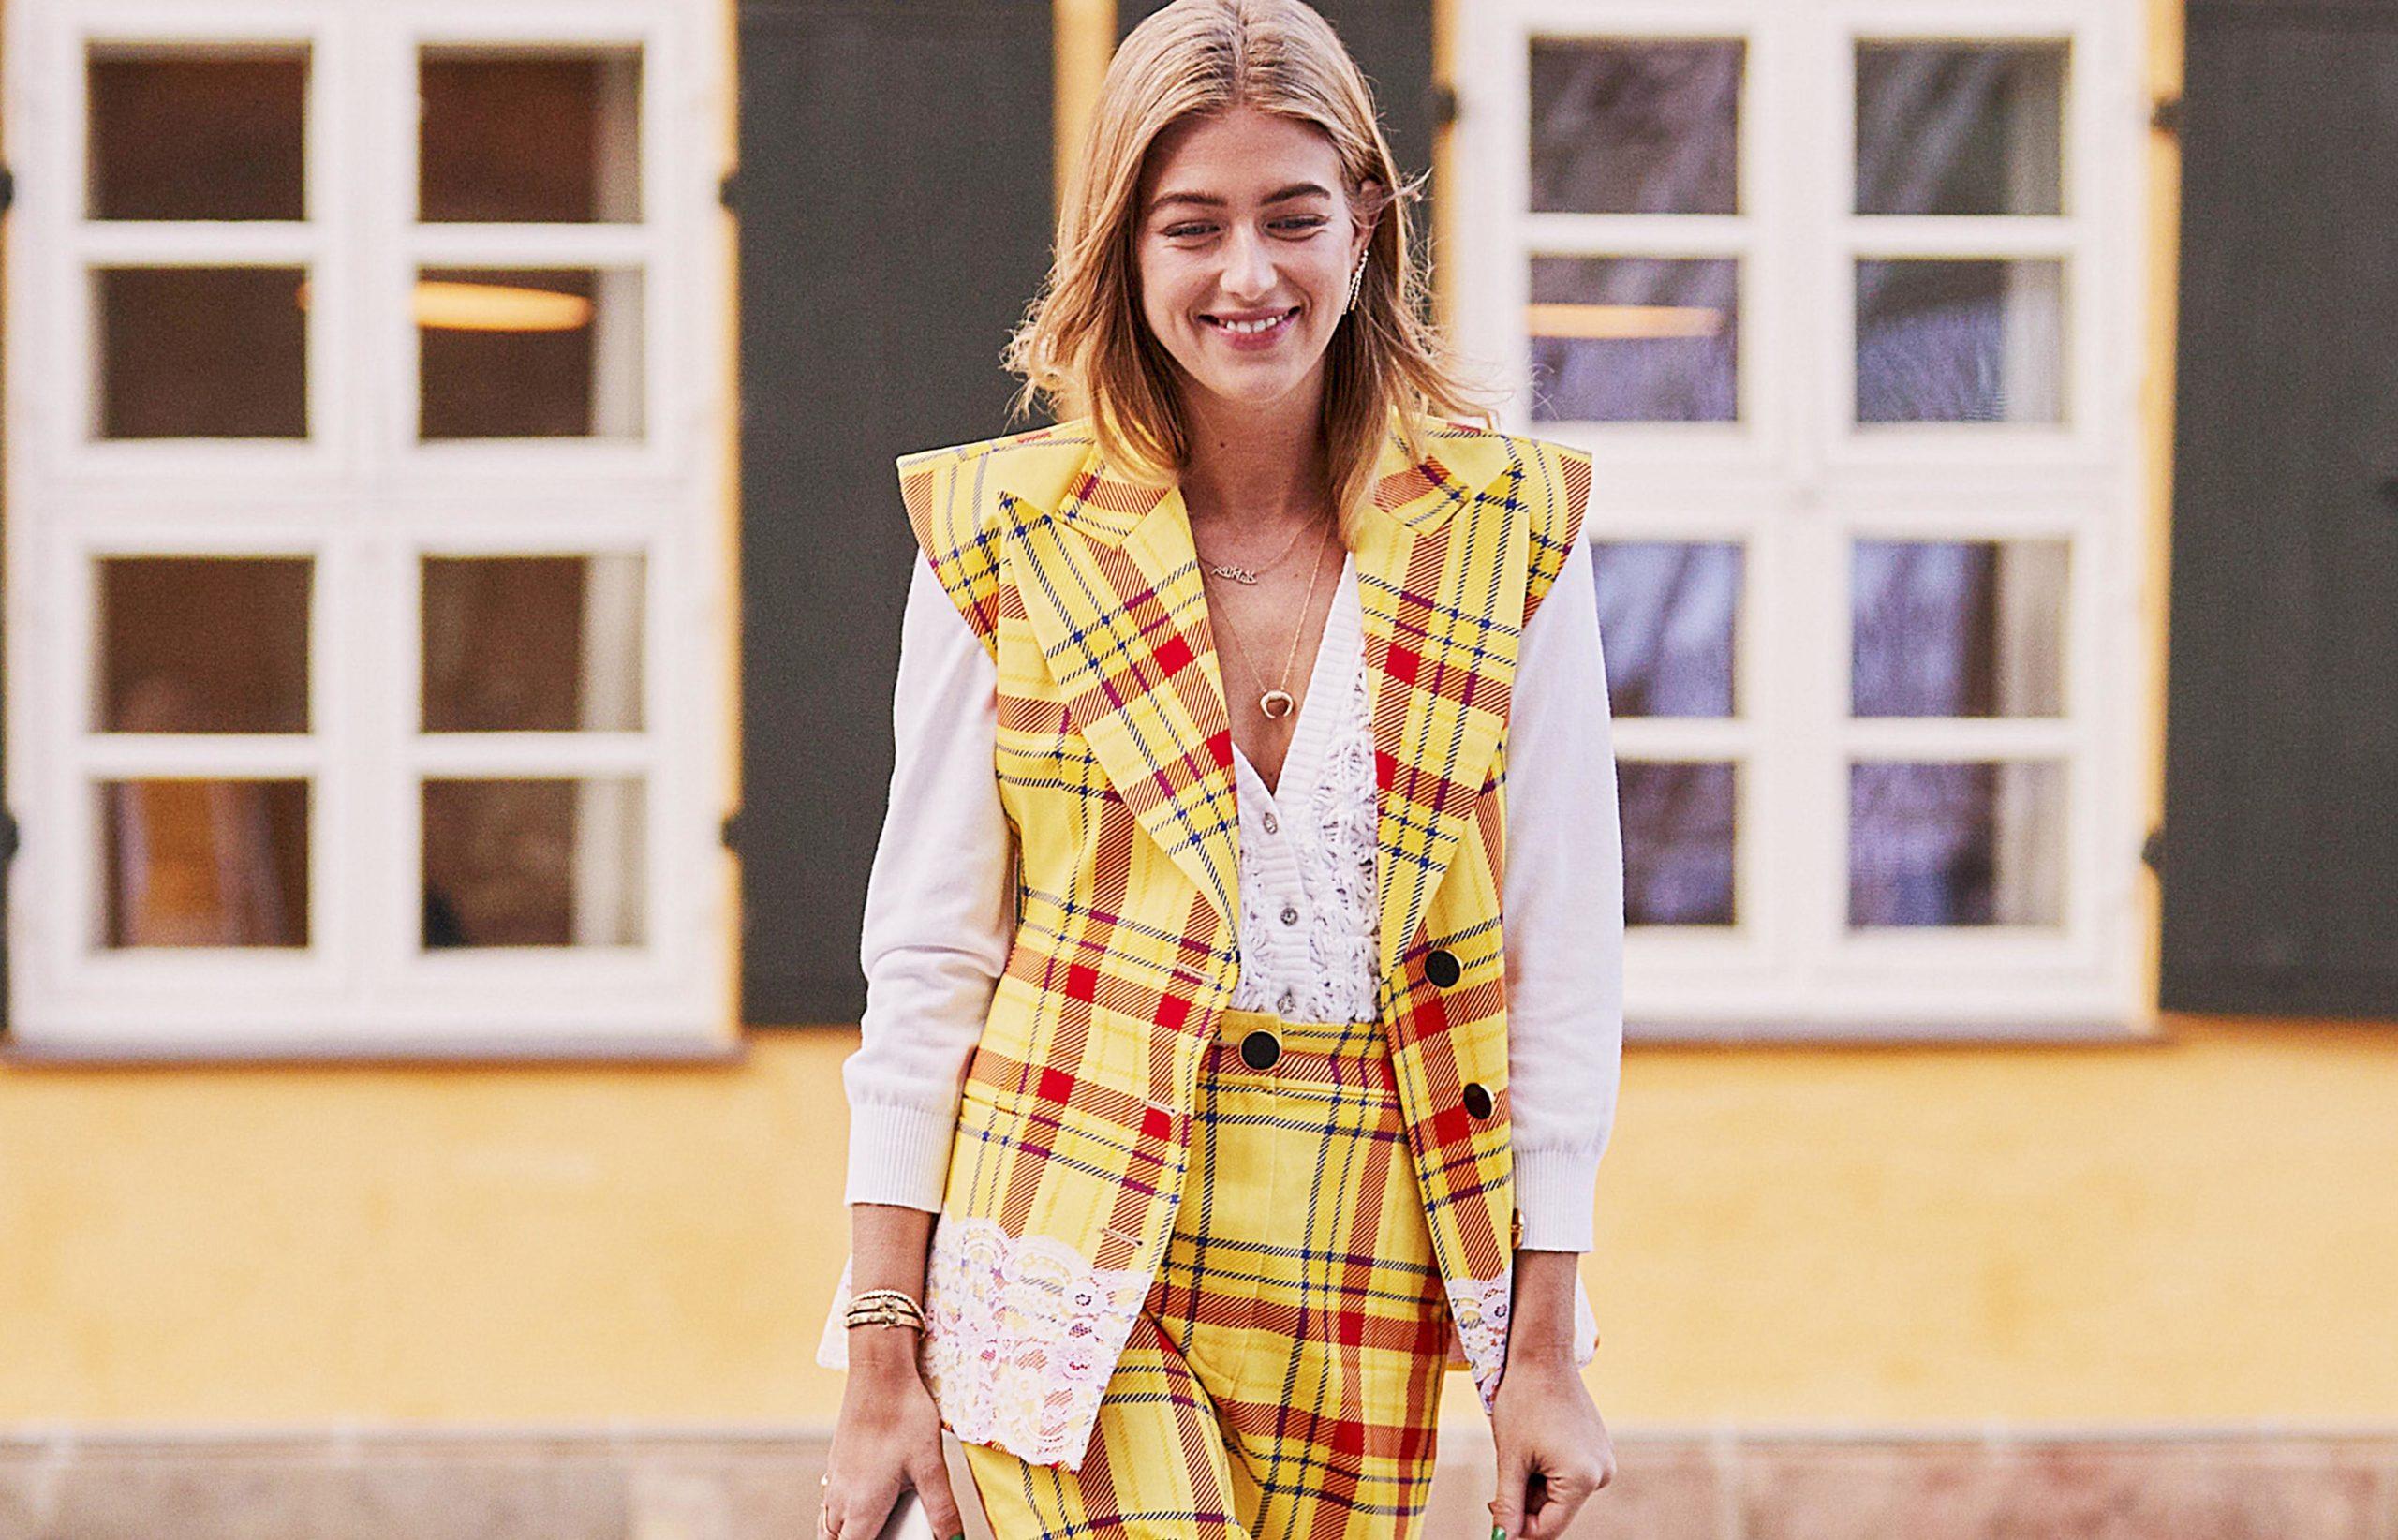 Imagen de una mujer joven, en la calle, vestida con un traje pantalón de cuadros